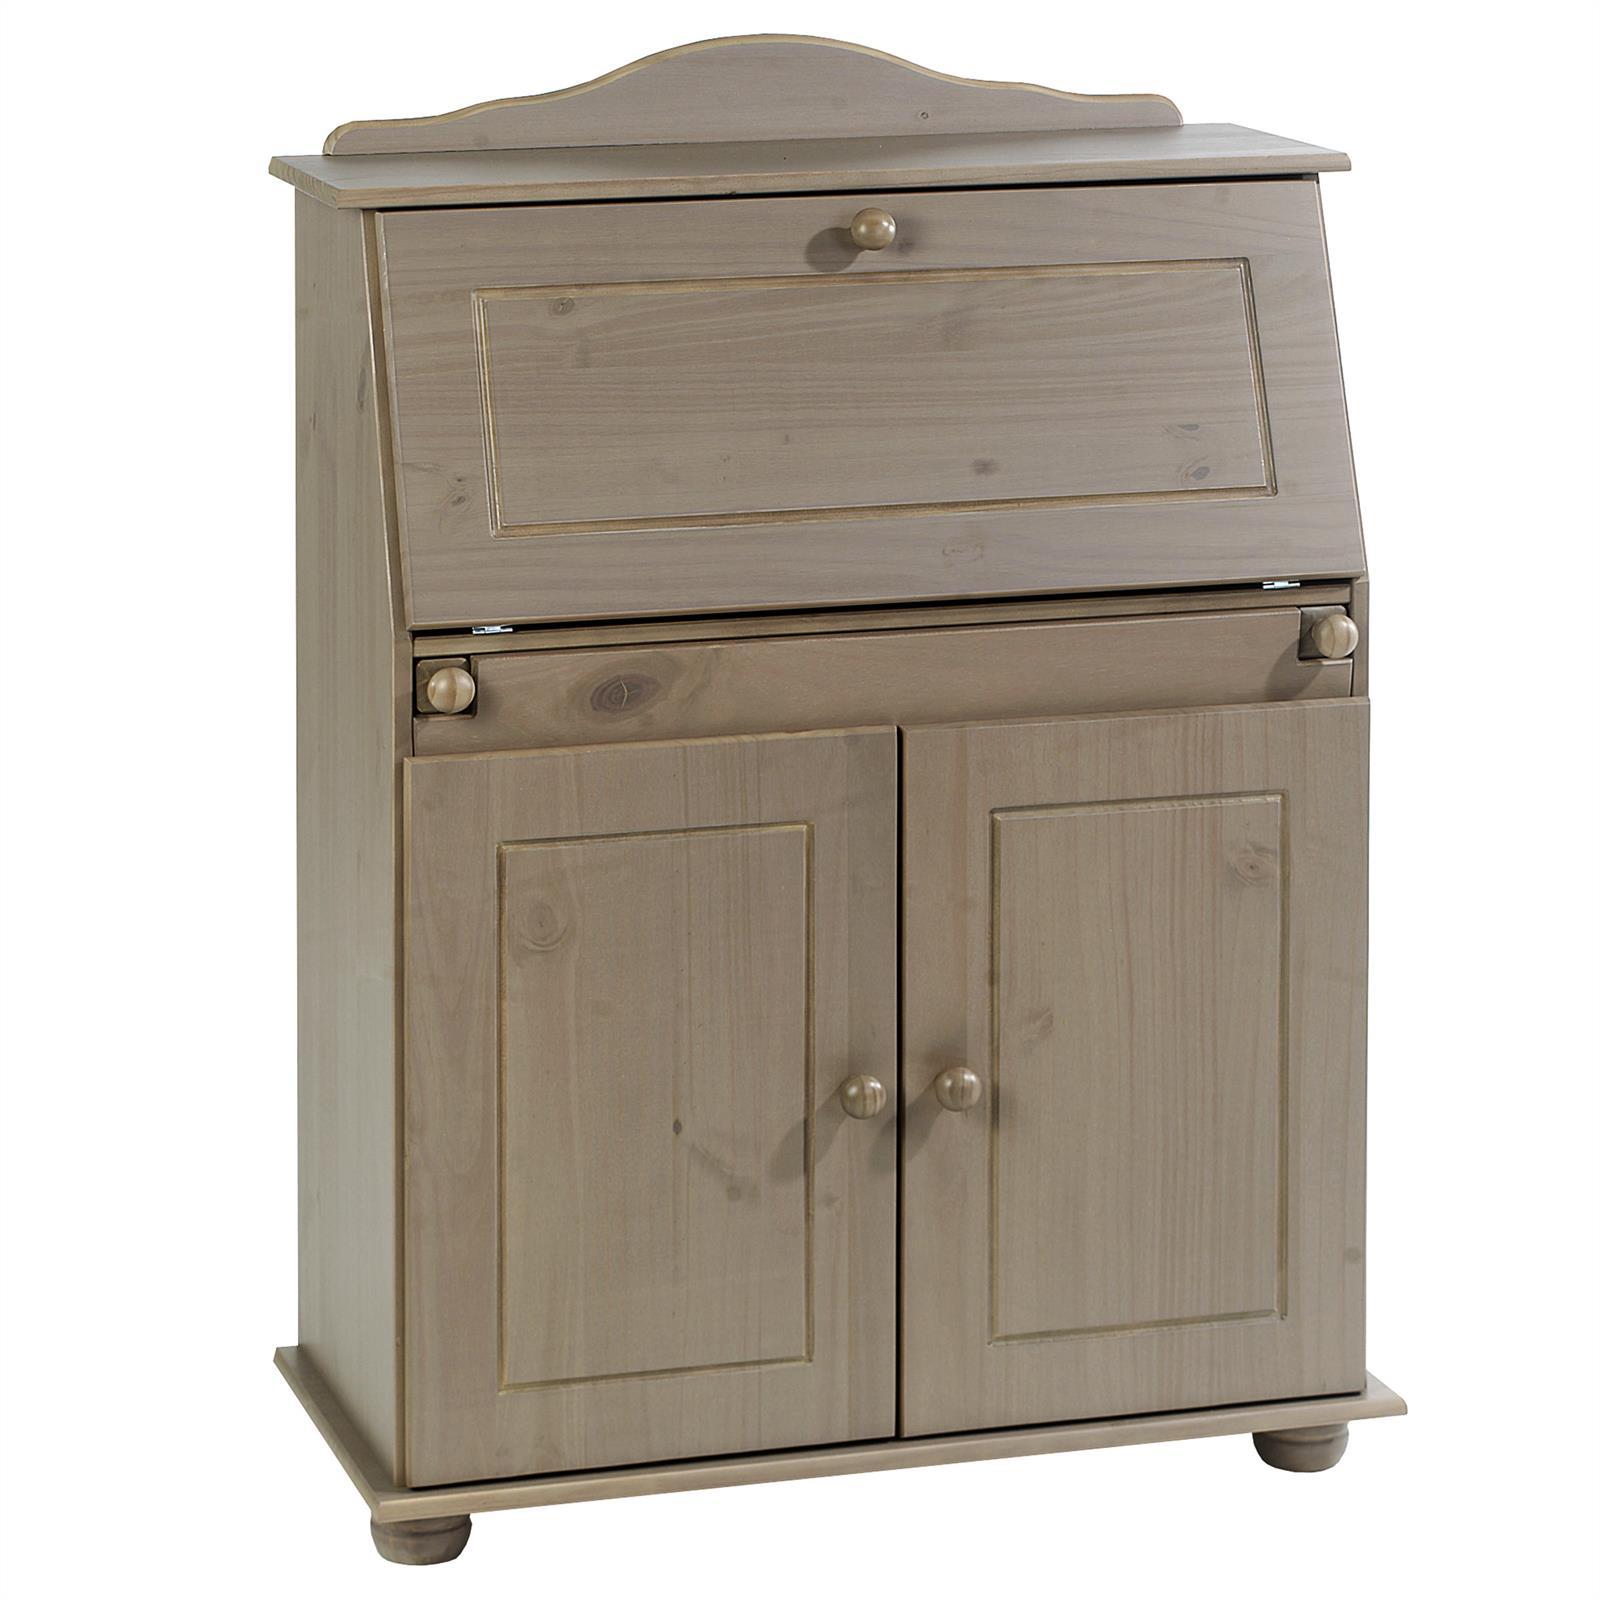 sekret r schreibtisch landhausstil kommode mit klappe schreibkommode farbauswahl ebay. Black Bedroom Furniture Sets. Home Design Ideas